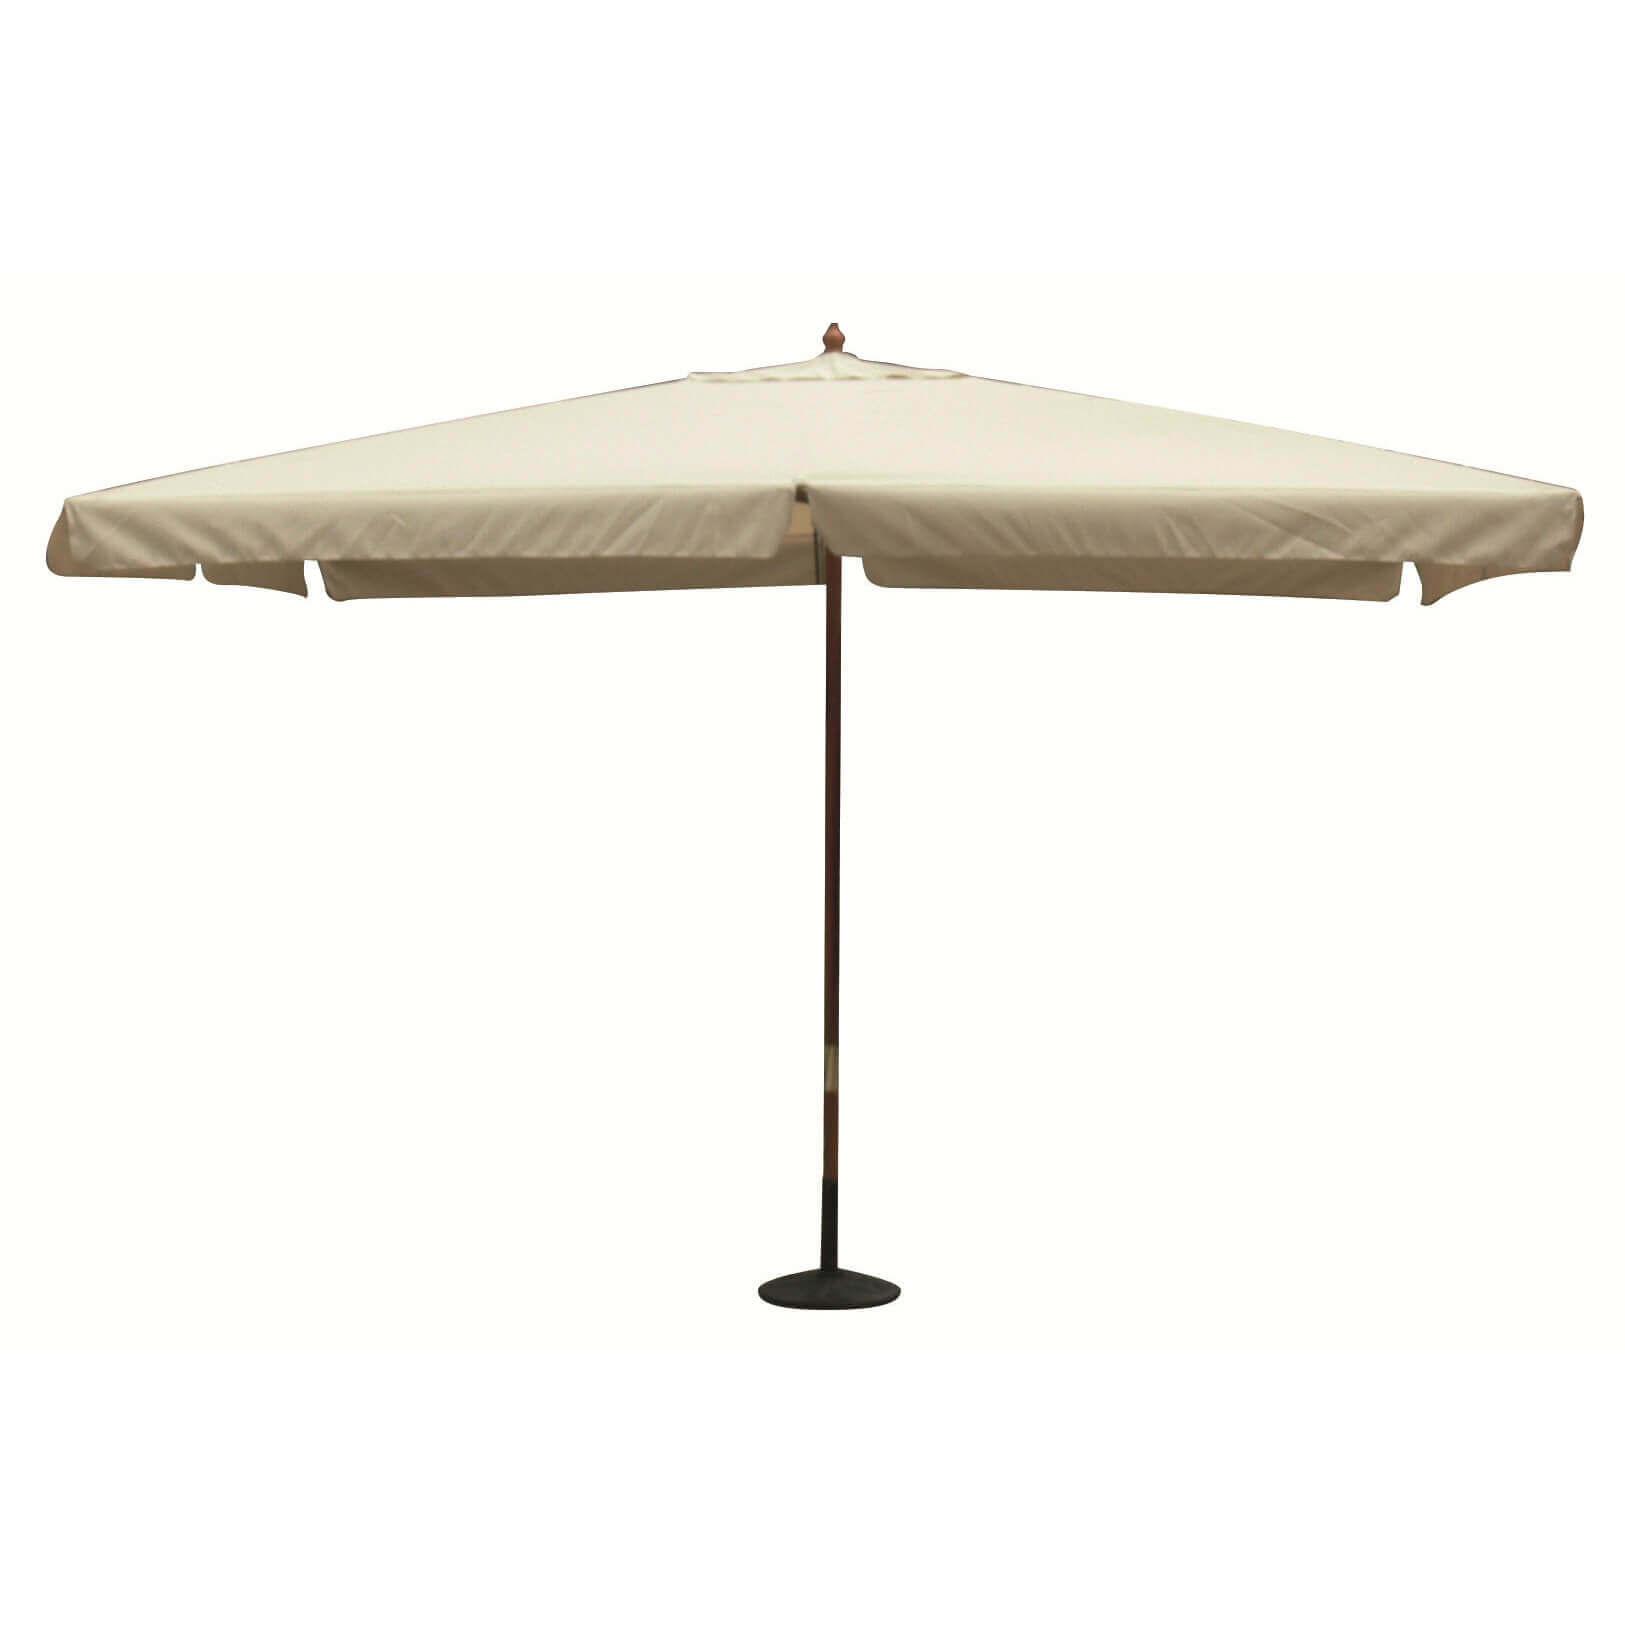 Milani Home DOMINUS - ombrellone da giardino 3 x 3 palo centrale in legno